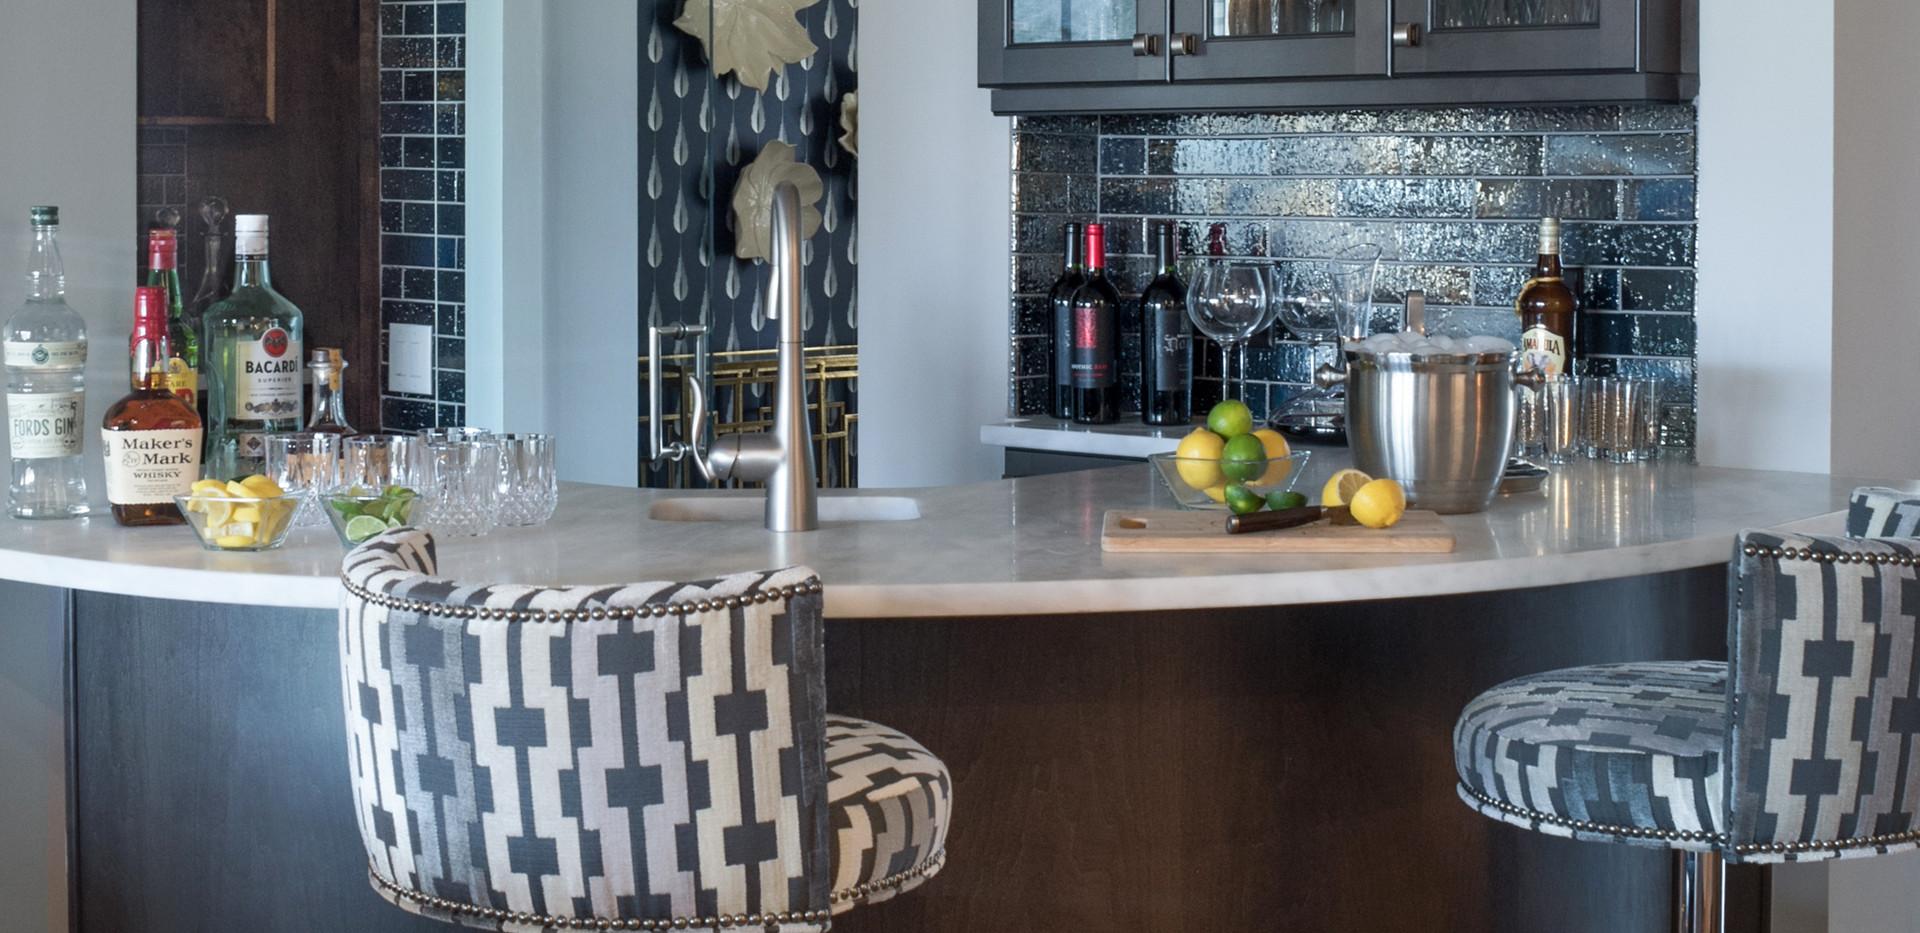 Milton main floor wine tasting bar